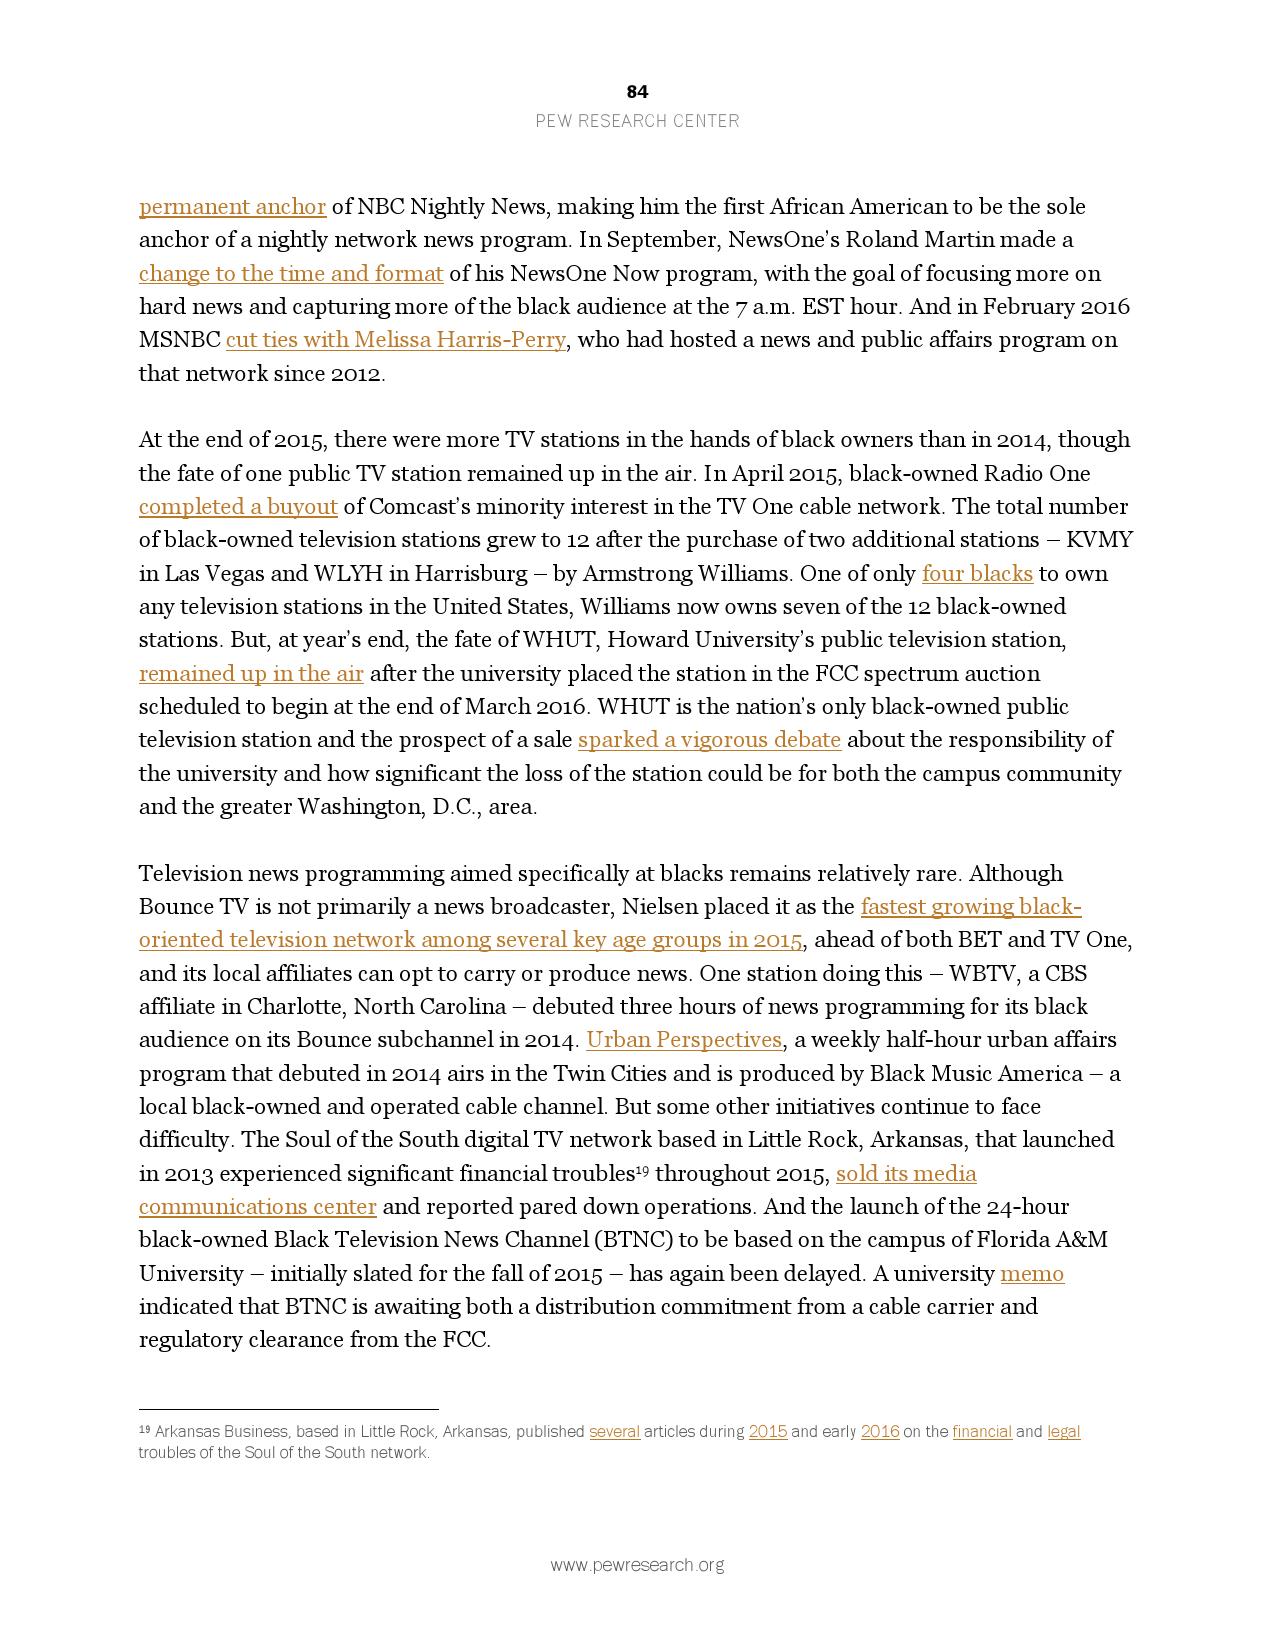 2016美国新媒体研究报告_000084